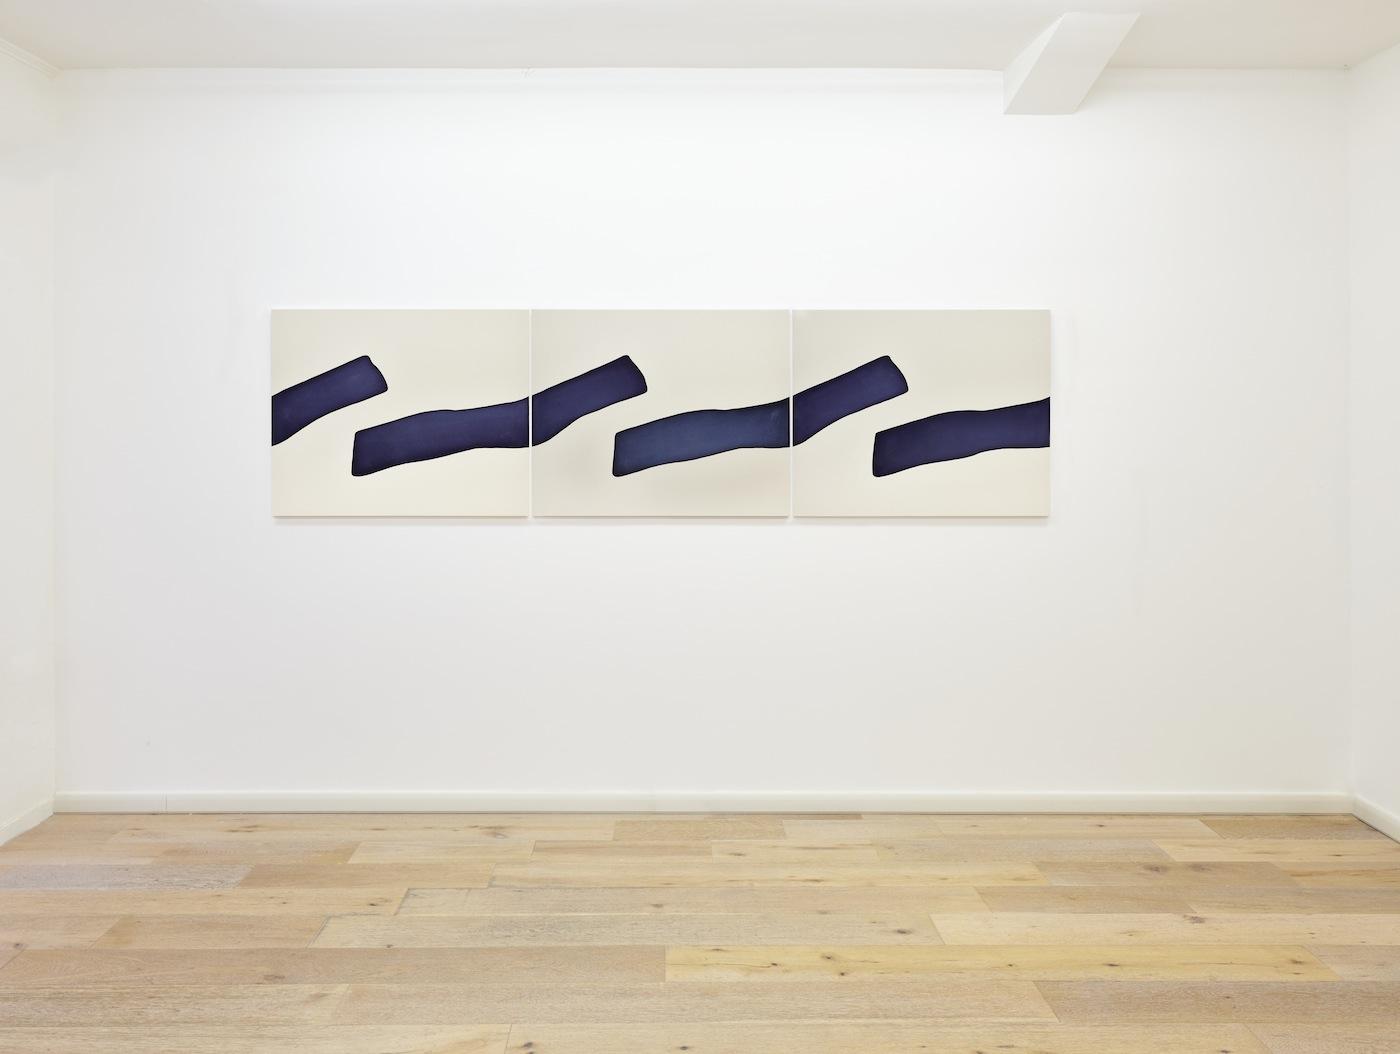 Landon Metz. Veduta della mostra. Courtesy Eduardo Secci Contemporary